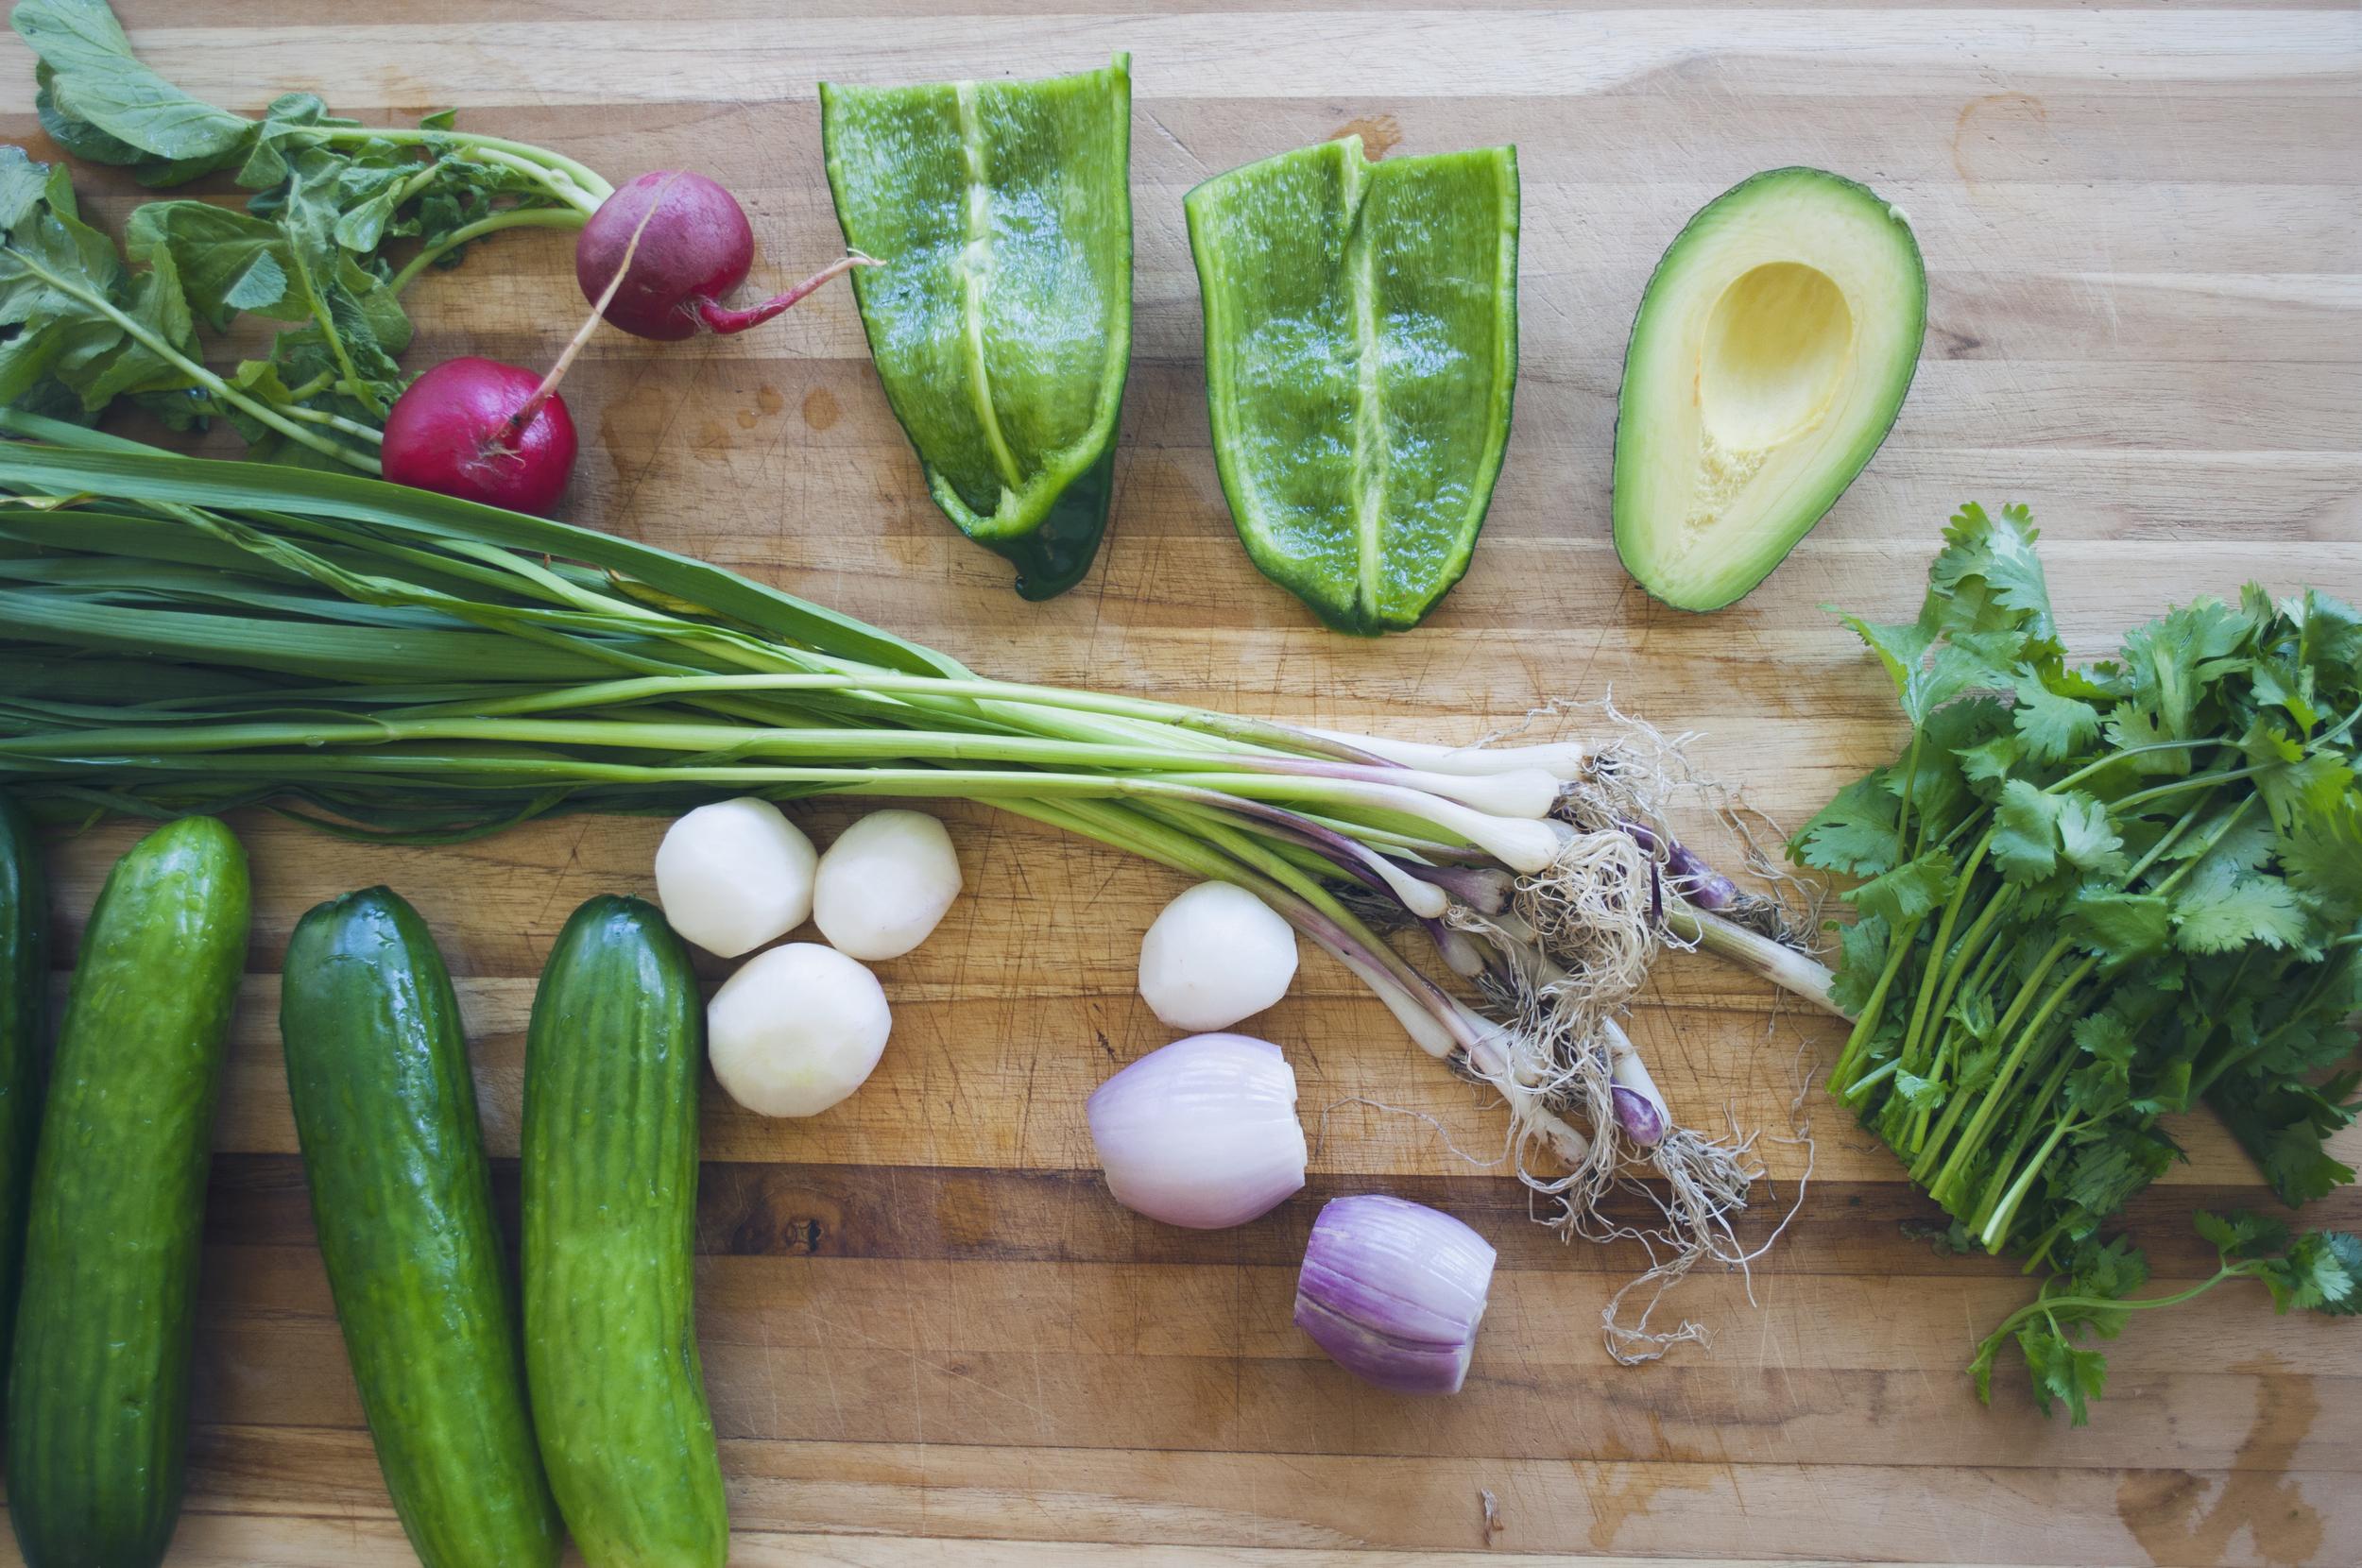 Garden Green Gazpacho Ingredients